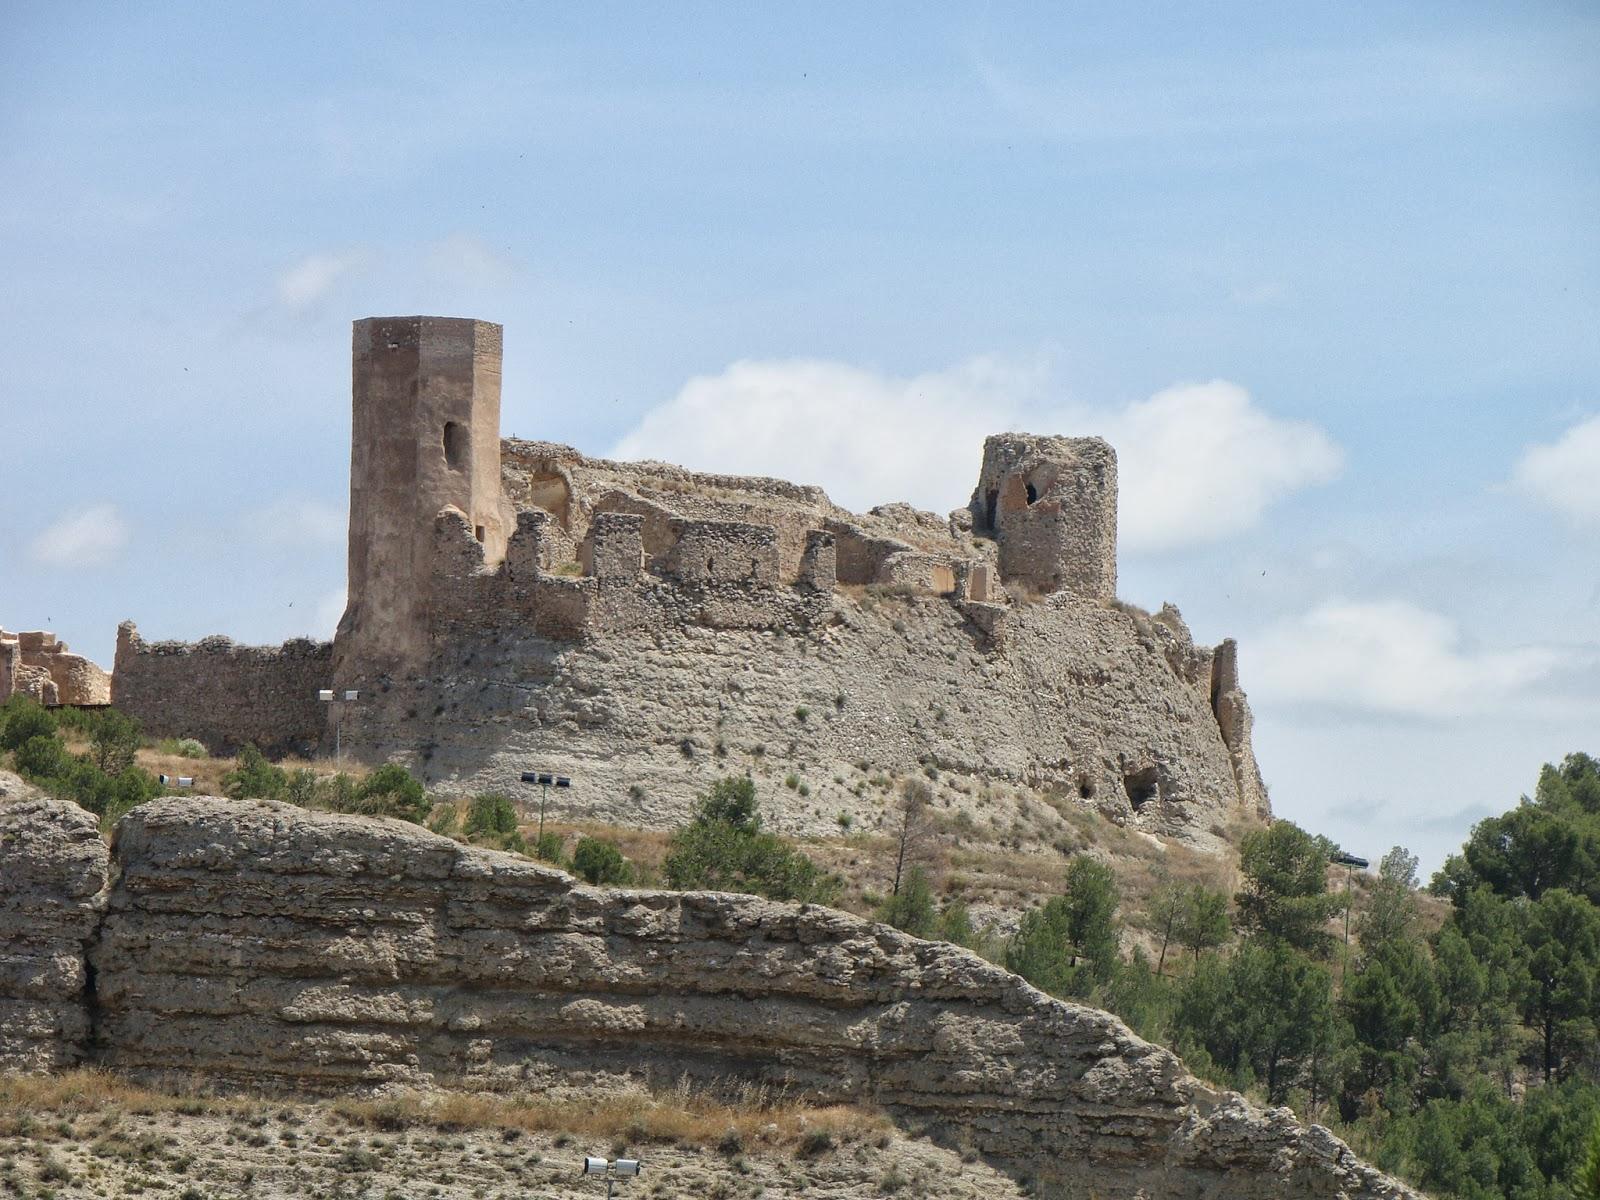 Castillo de ayub calatayud zaragoza tourismaniac - Hotel castillo de ayud calatayud ...